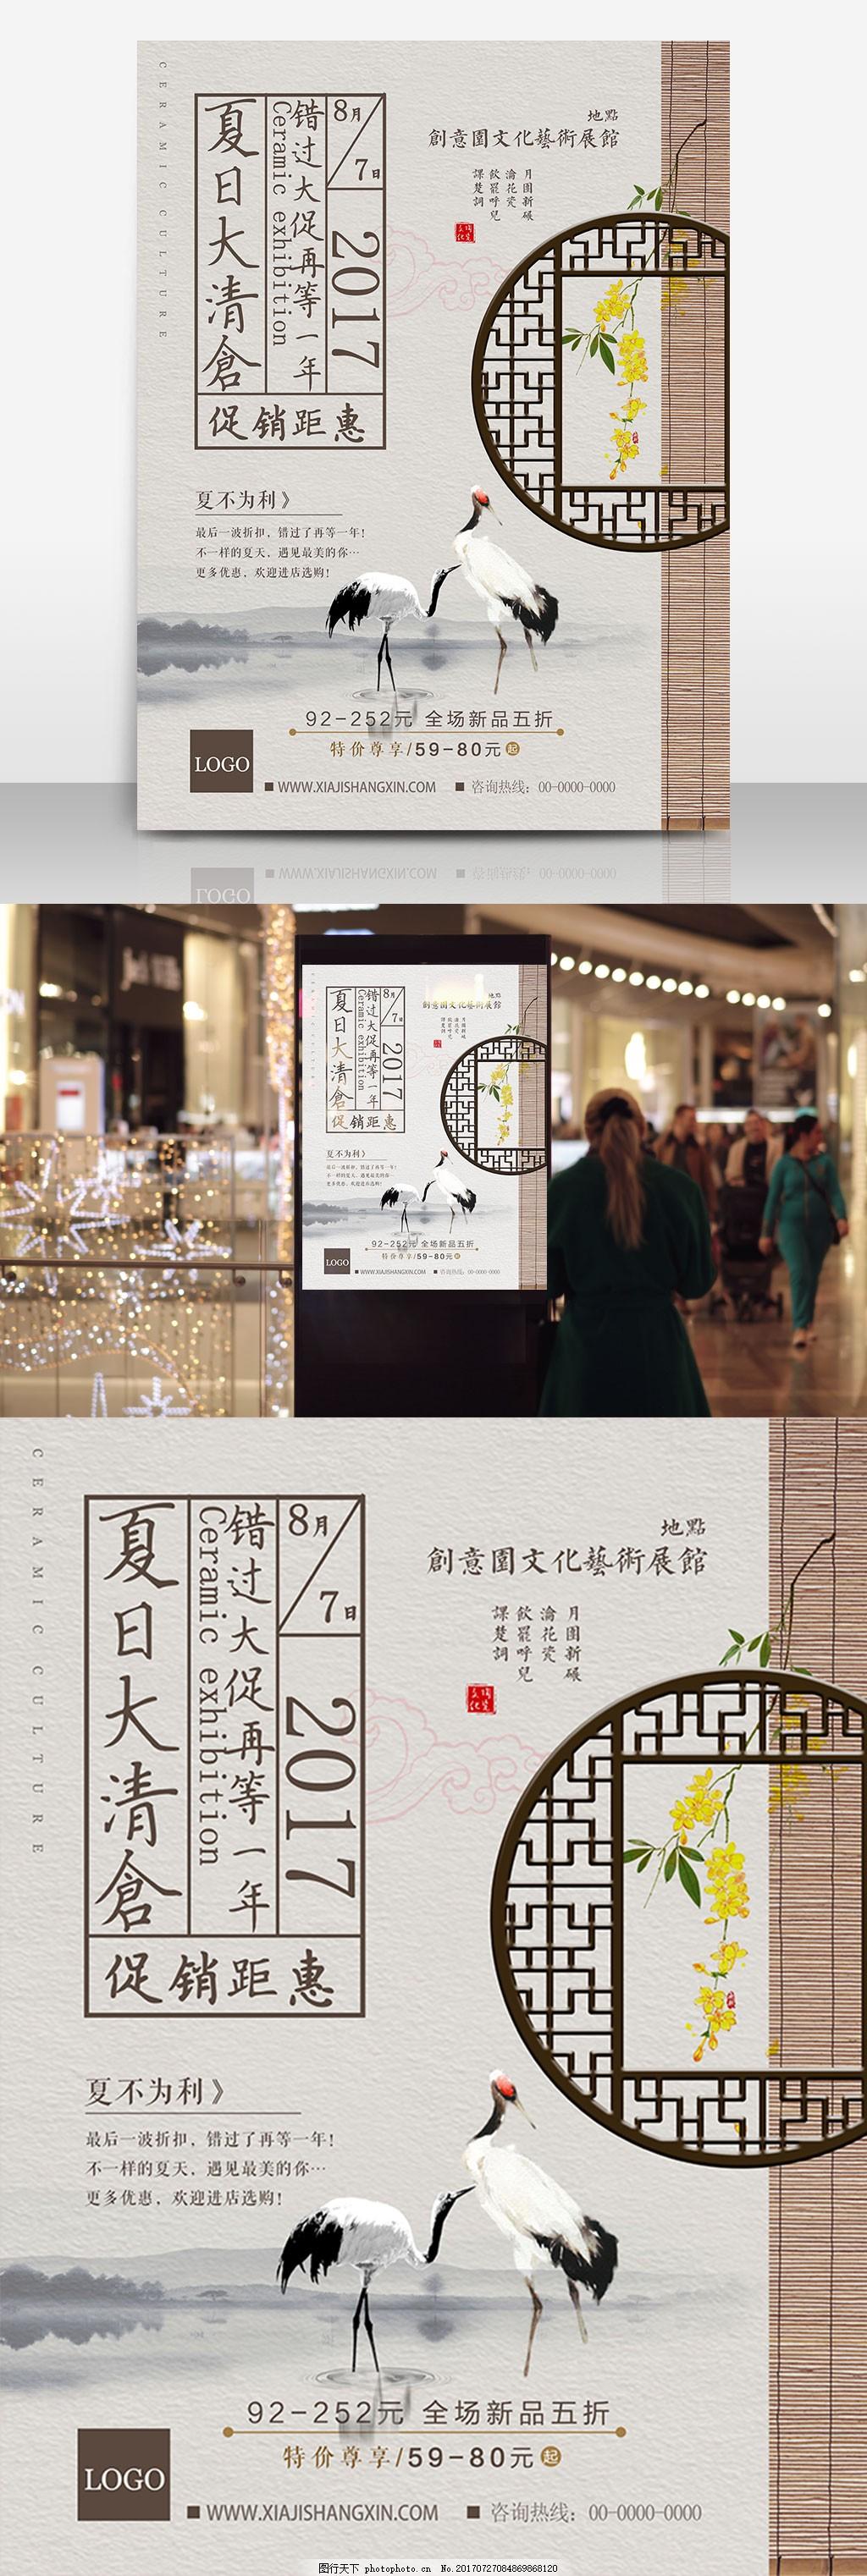 夏季清仓中国风简约促销海报 手绘 花 白鹤 古典 水墨